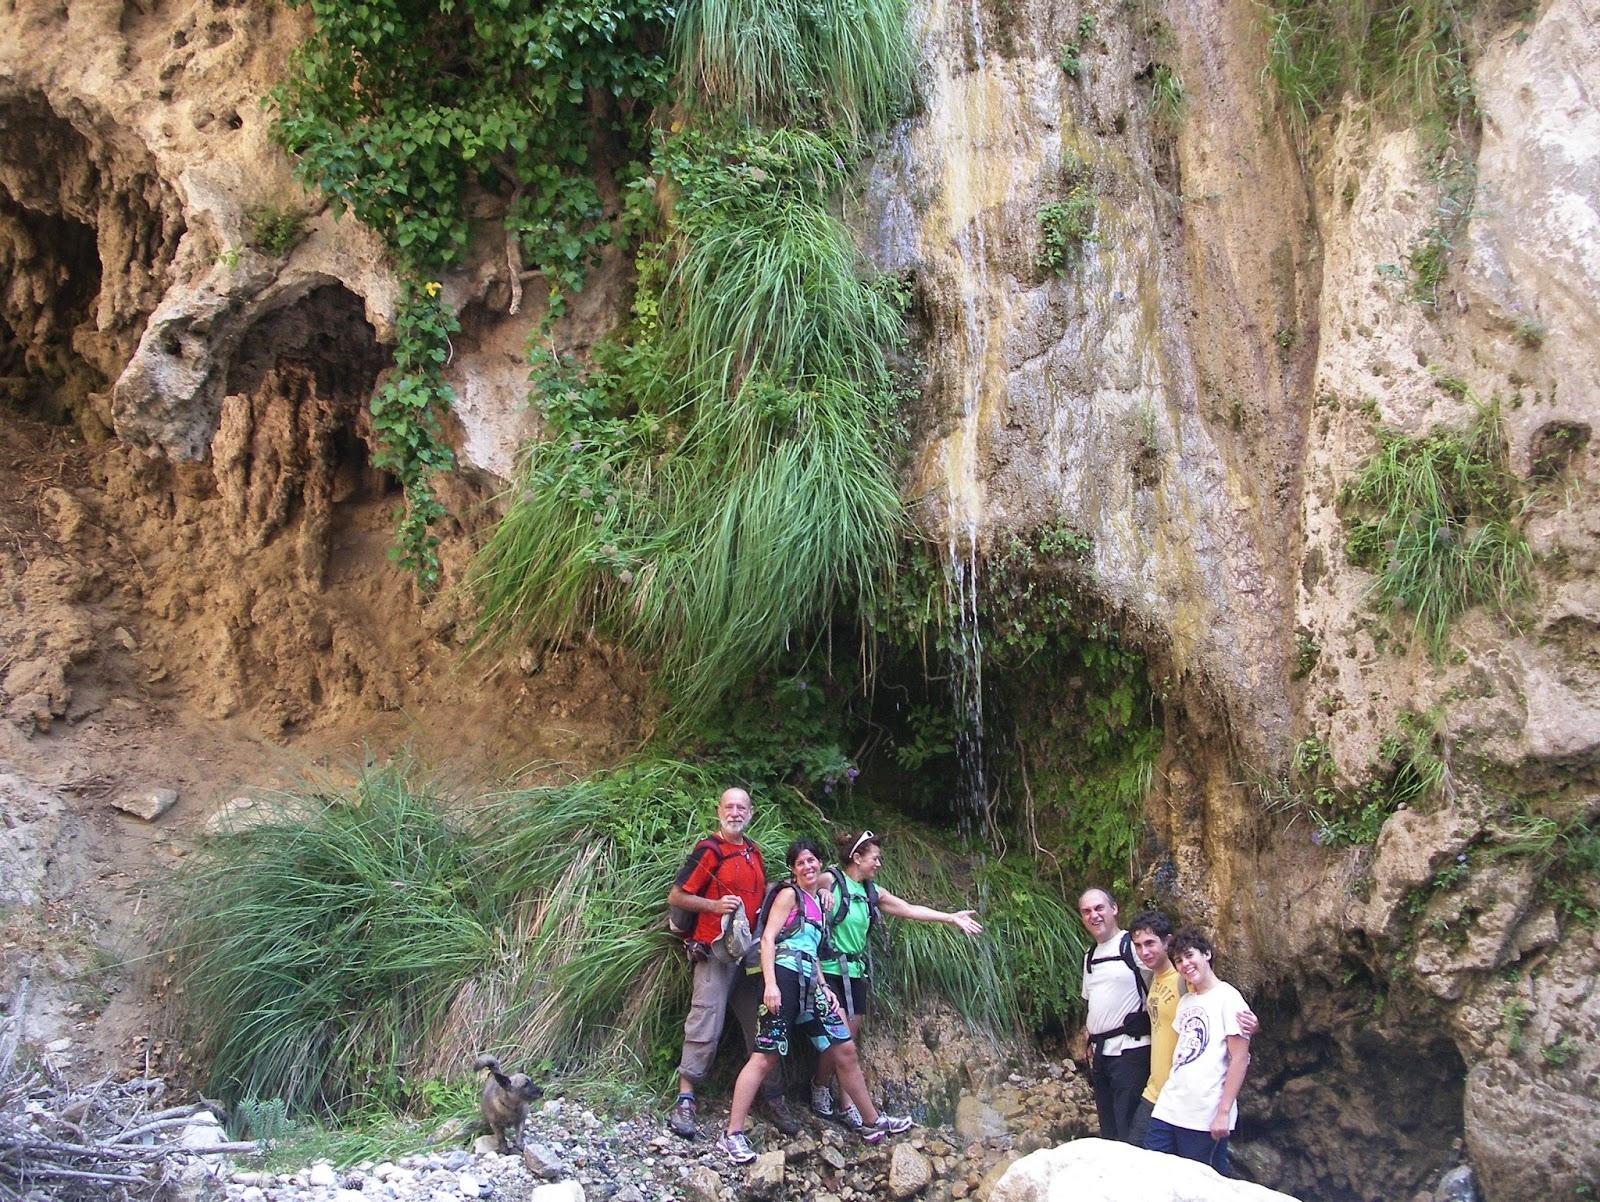 Grupo monta ero andax curso alto del r o ch llar 18 8 2013 for Travertino roca